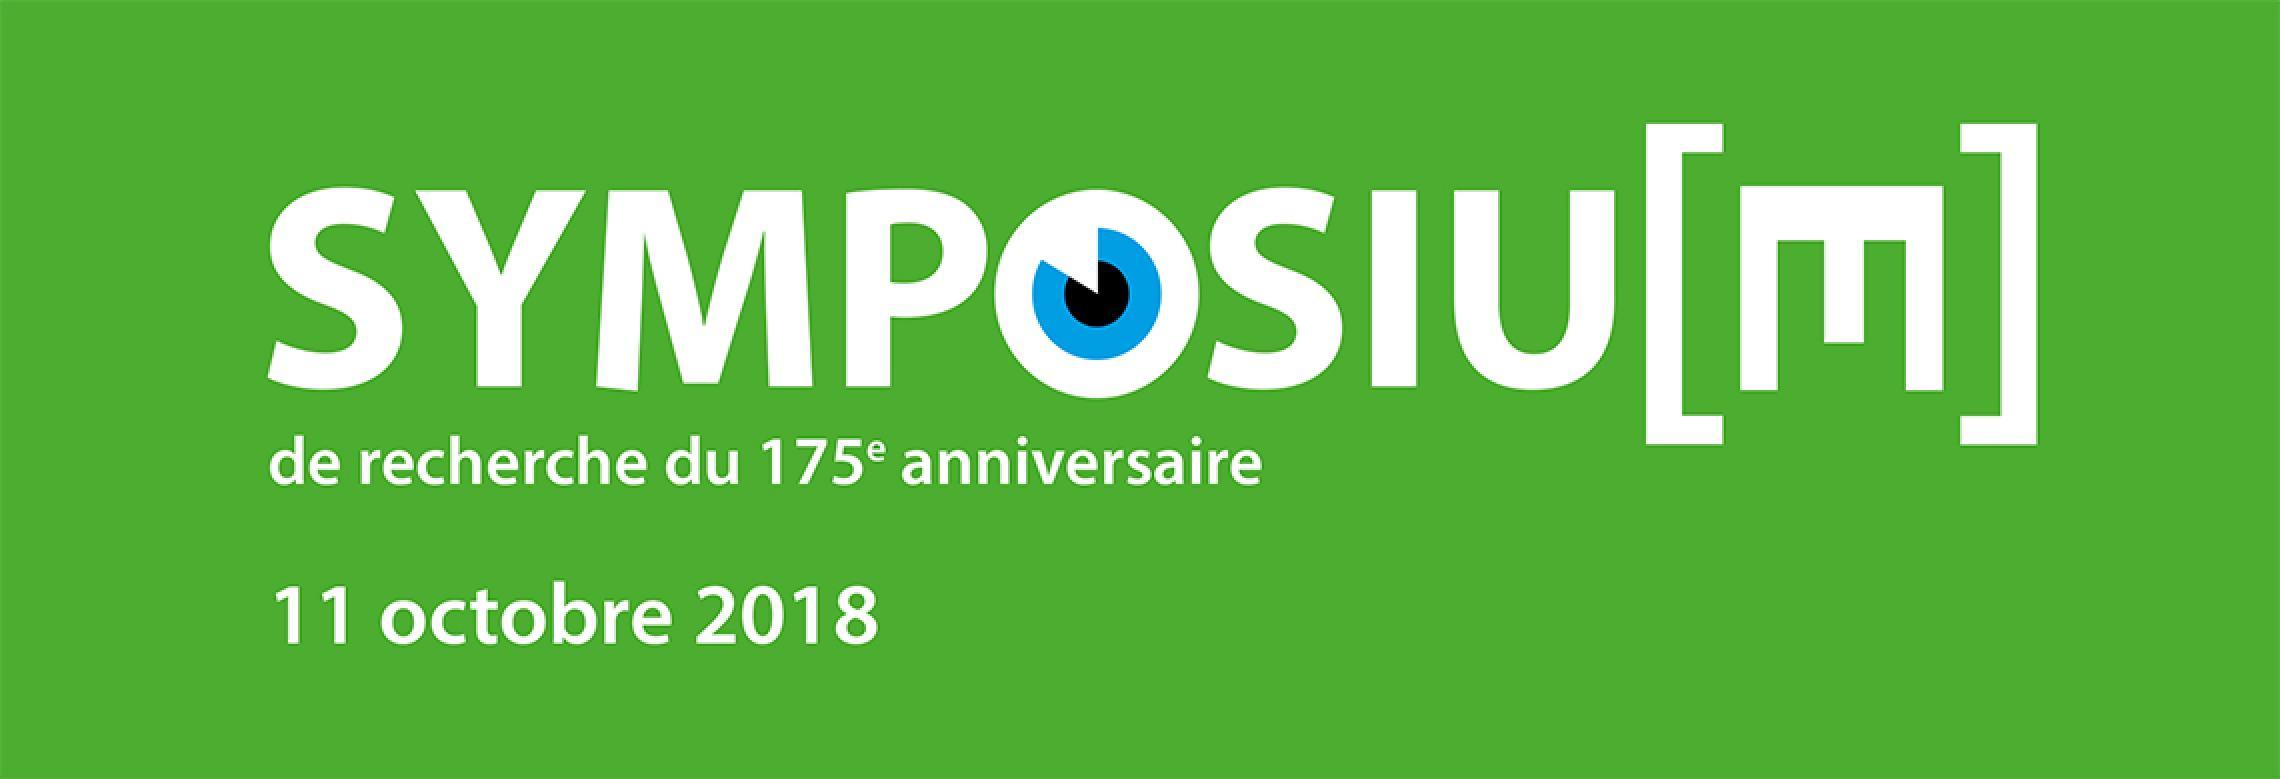 Image de l'affiche du symposium recherche 175e anniversaire